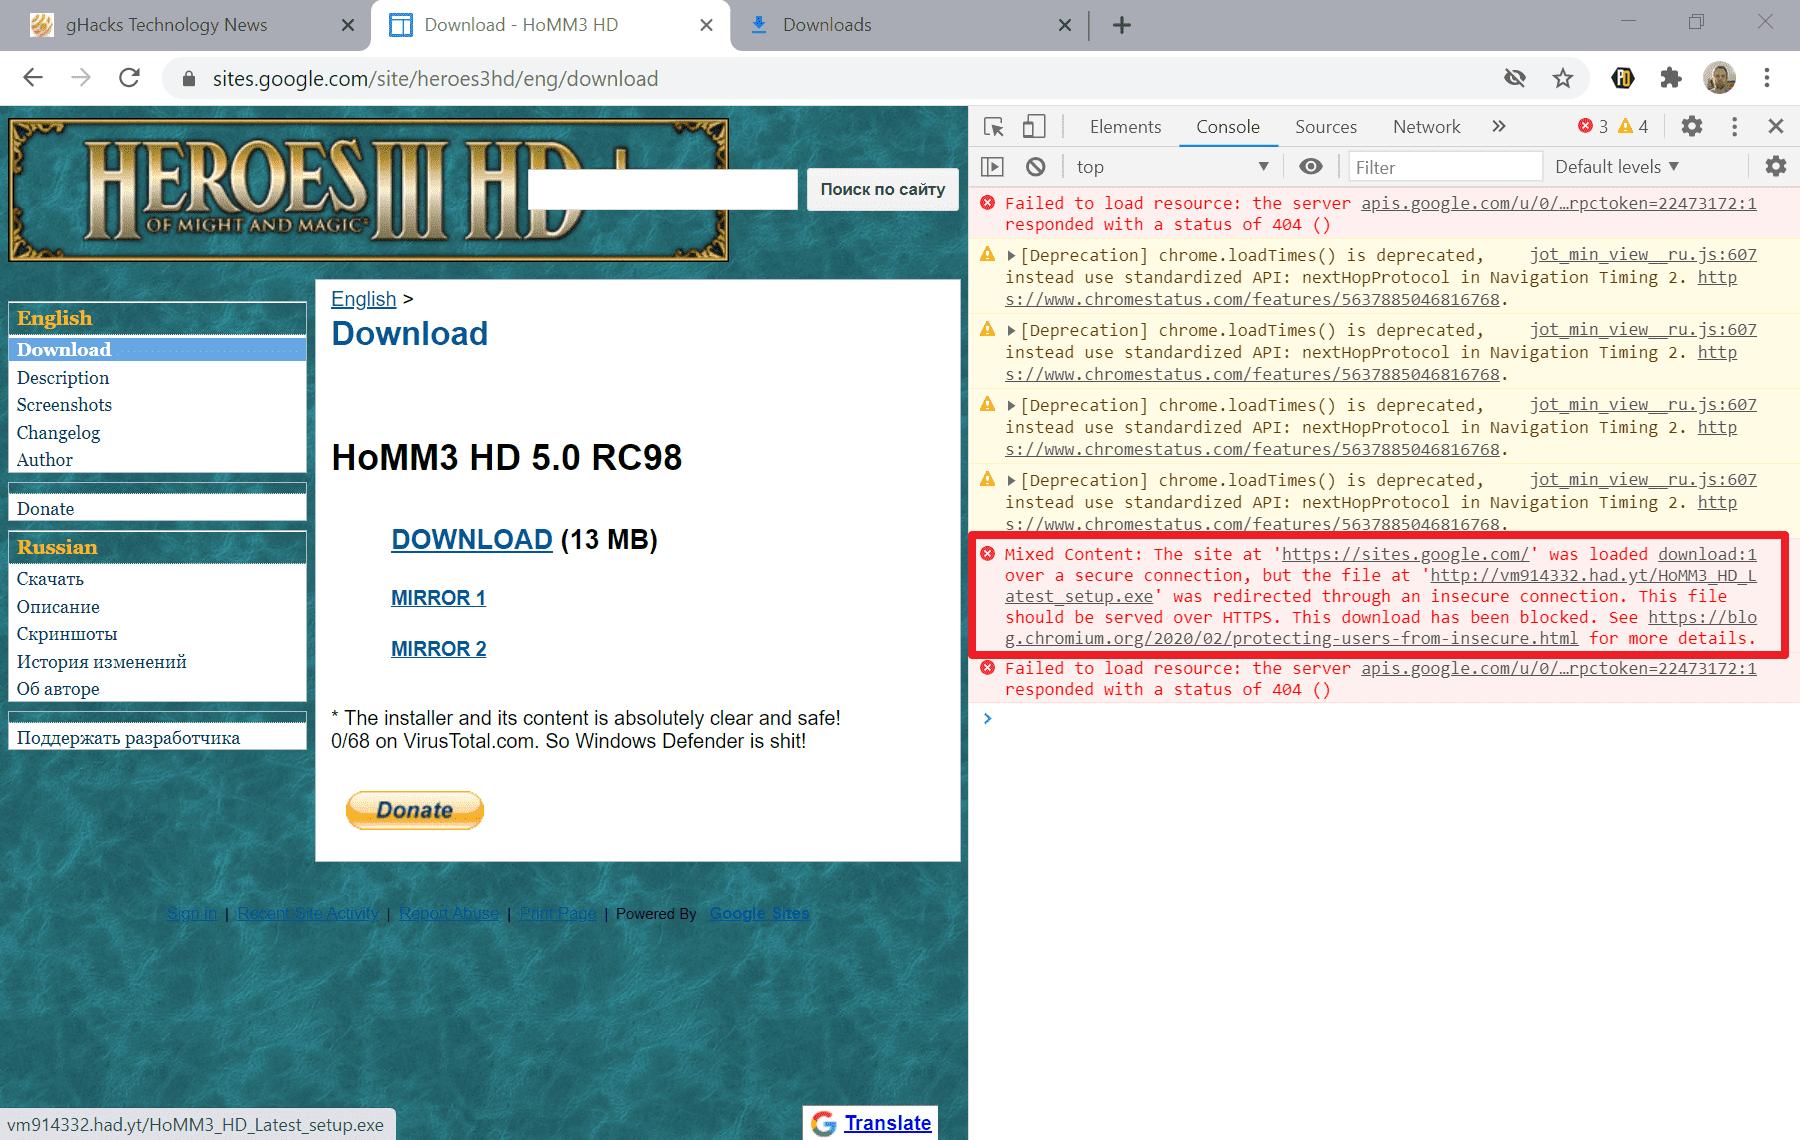 Chrome chặn tải file xuống? Làm sao xử lý